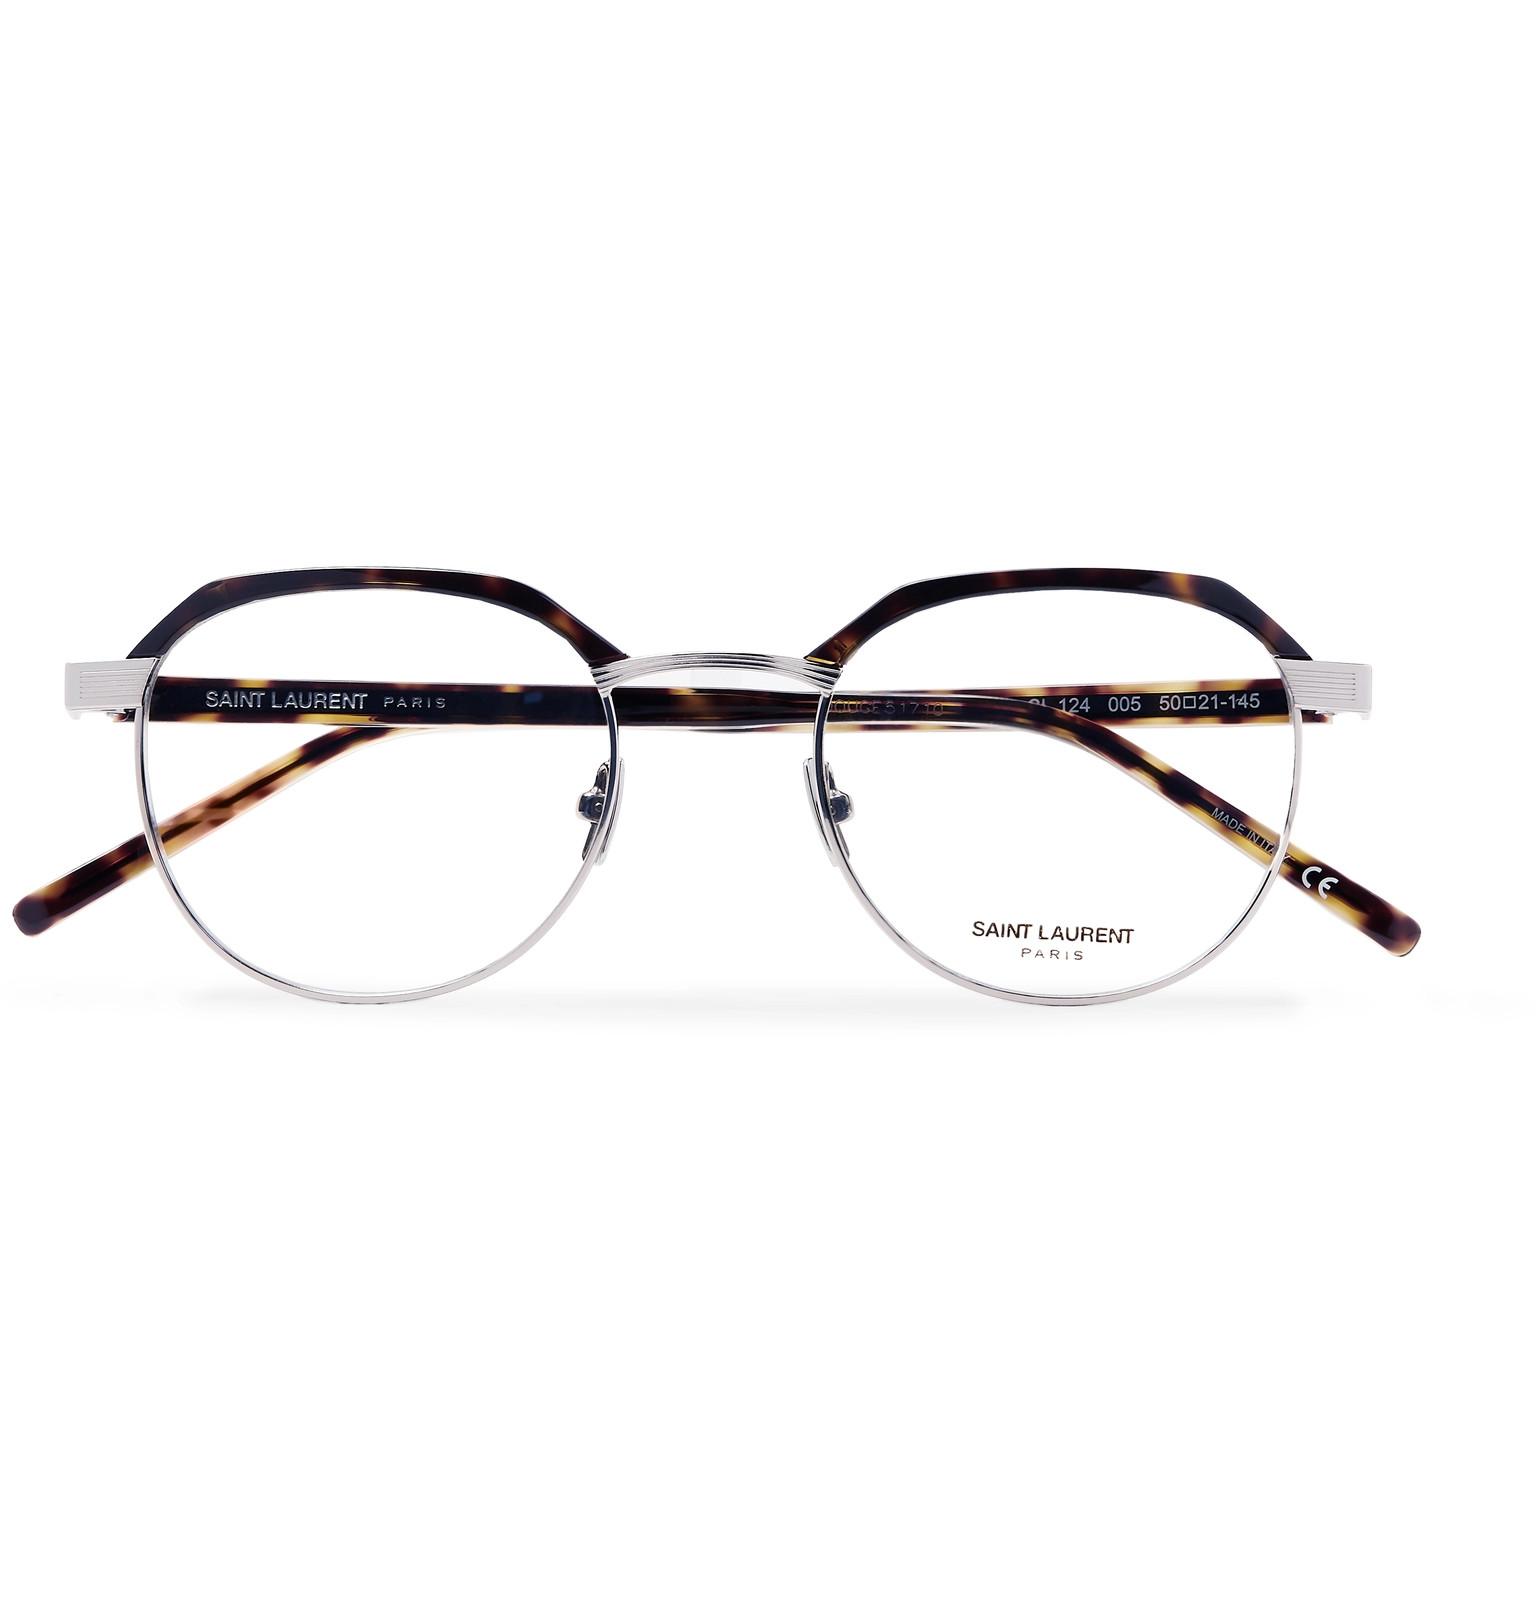 e6977adce8e0 Saint LaurentRound-Frame Tortoiseshell Acetate and Silver-Tone Optical  Glasses